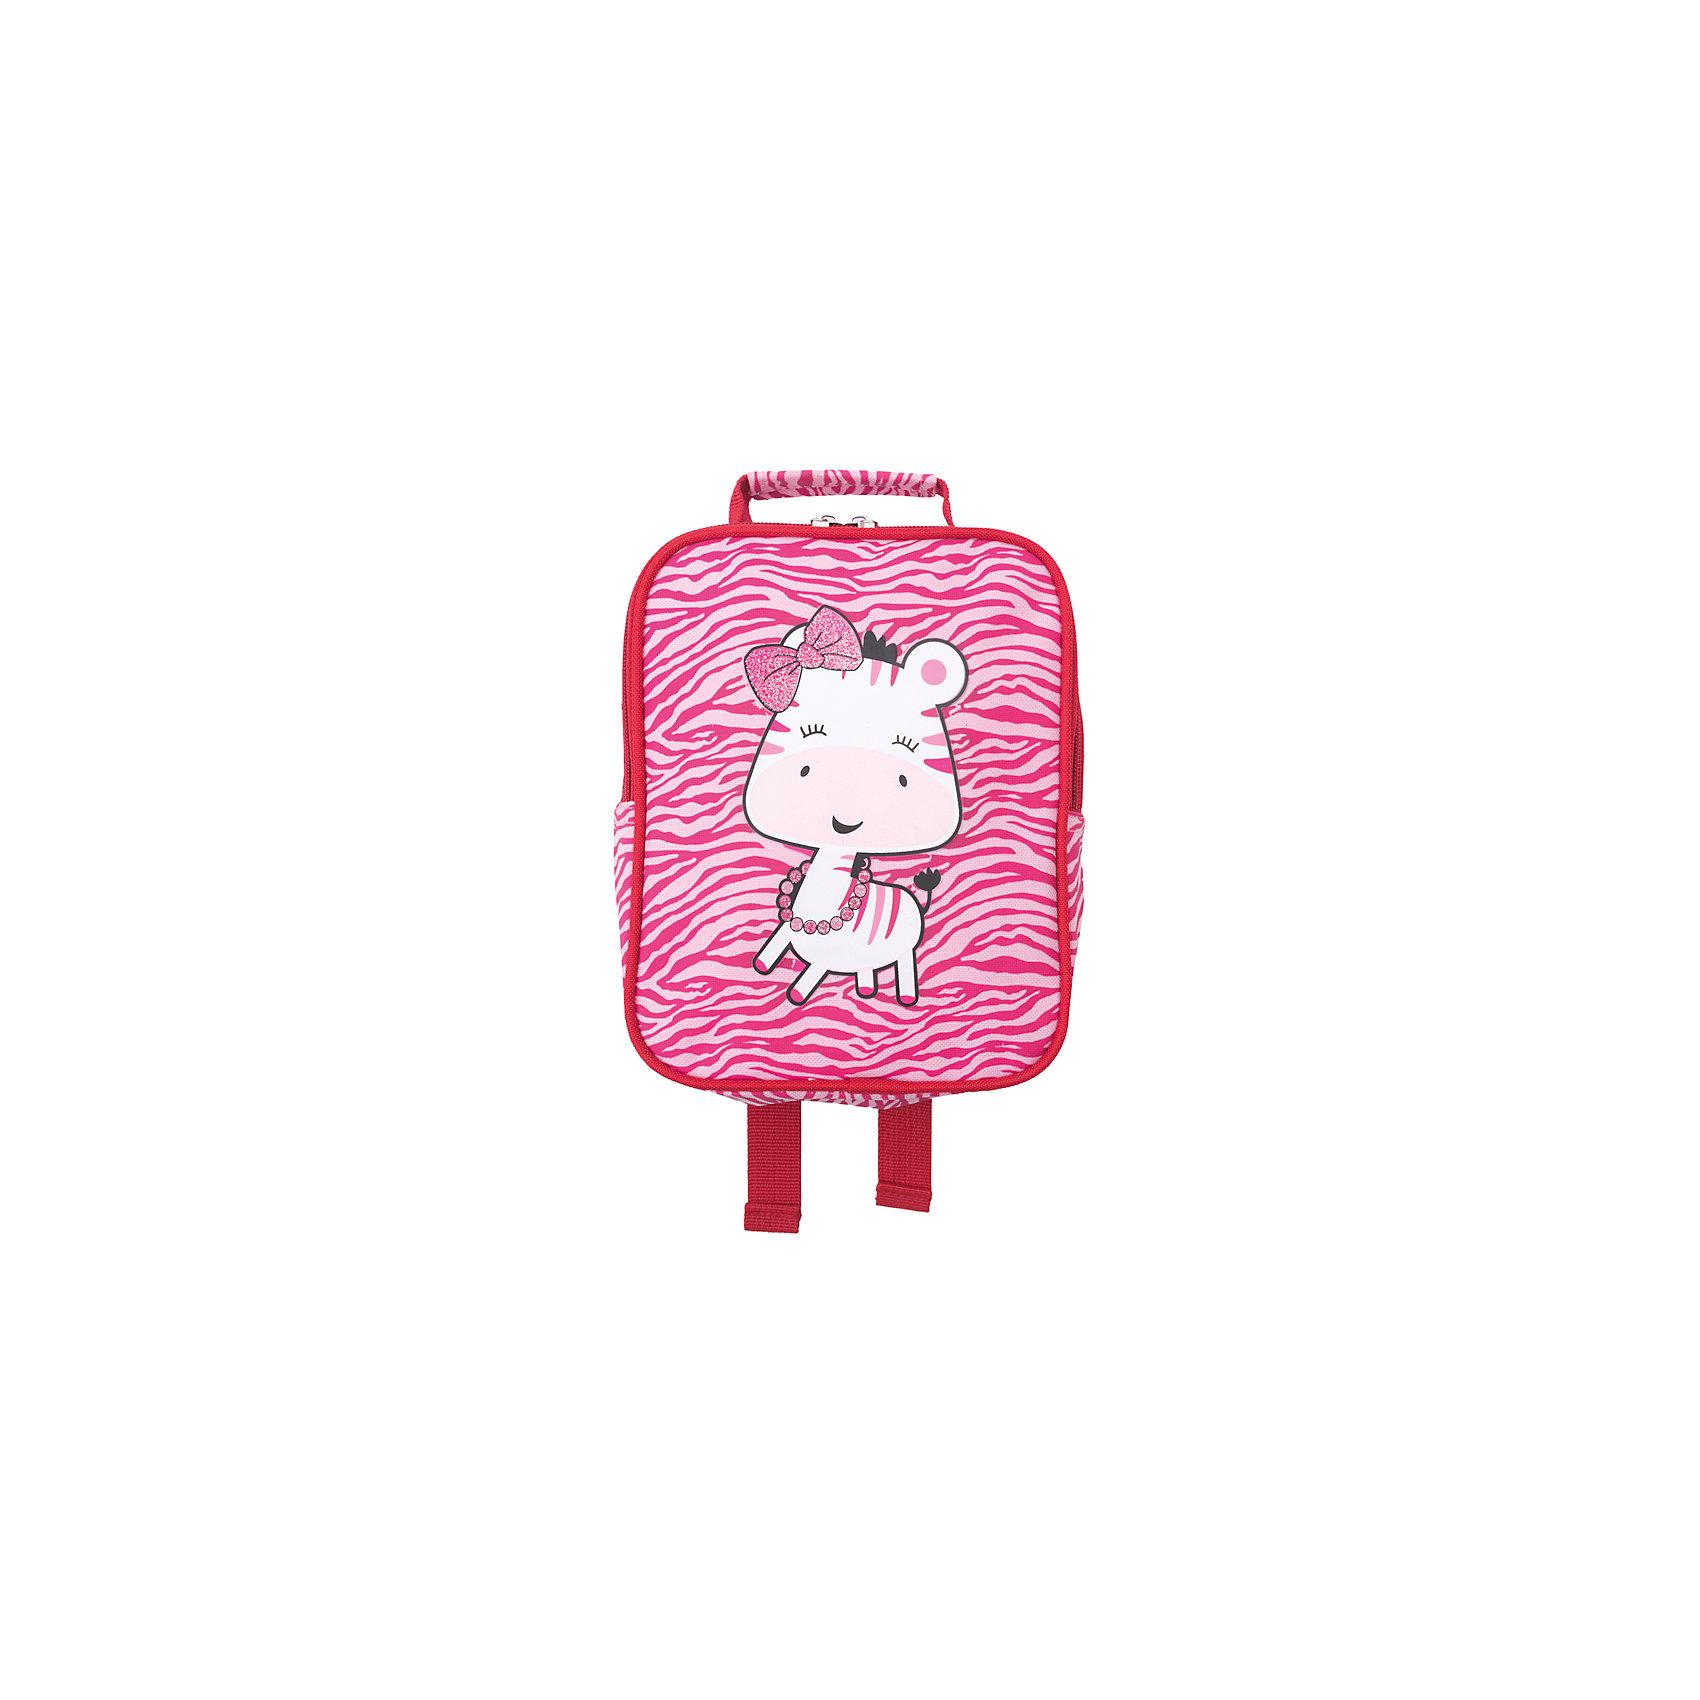 Рюкзак для девочки PlayTodayРюкзаки<br>Характеристики товара:<br><br>• цвет: розовый<br>• состав: 100% полиэстер<br>• ручка<br>• декорирована принтом<br>• качественный материал<br>• стильный дизайн<br>• регулируемые лямки<br>• комфортная посадка<br>• коллекция: весна-лето 2017<br>• страна бренда: Германия<br>• страна производства: Китай<br><br>Популярный бренд PlayToday выпустил новую коллекцию! Вещи из неё продолжают радовать покупателей удобством, стильным дизайном и продуманным кроем. Дети носят их с удовольствием. PlayToday - это линейка товаров, созданная специально для детей. Дизайнеры учитывают новые веяния моды и потребности детей. Порадуйте ребенка обновкой от проверенного производителя!<br>Этот рюкзак обеспечит ребенку комфорт благодаря качественному материалу и удобному крою. С его помощью можно сделать интересный акцент в образе, дополнить наряд и взять с собой нужные вещи. Очень модная вещь! Выглядит стильно и аккуратно.<br><br>Сумку для девочки от известного бренда PlayToday можно купить в нашем интернет-магазине.<br><br>Ширина мм: 227<br>Глубина мм: 11<br>Высота мм: 226<br>Вес г: 350<br>Цвет: белый<br>Возраст от месяцев: 6<br>Возраст до месяцев: 9<br>Пол: Женский<br>Возраст: Детский<br>Размер: one size<br>SKU: 5408455